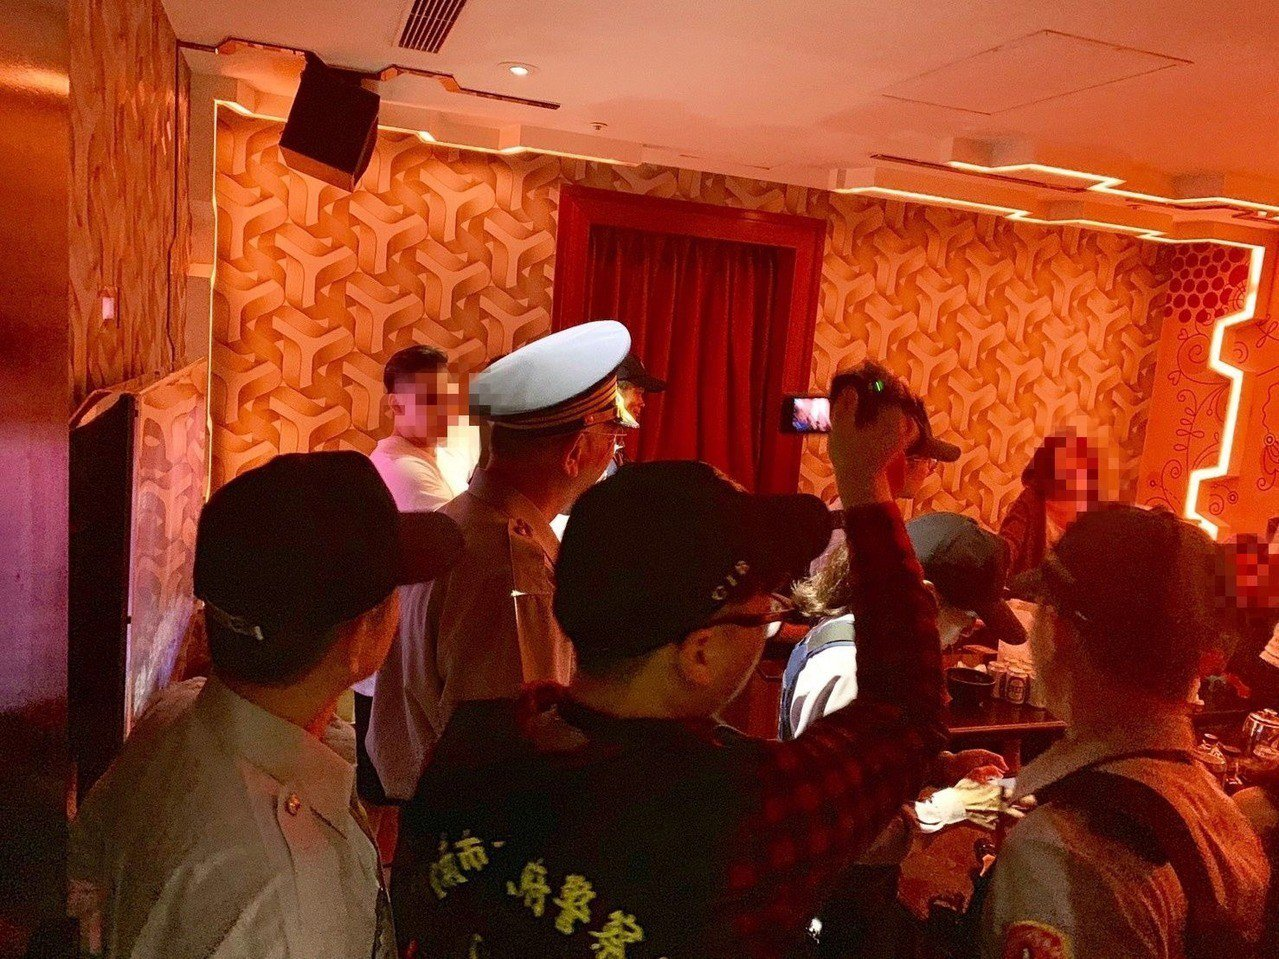 清明連假,台南市警二分局昨晚針對轄內KTV、酒店等易滋事場所加強臨檢。記者邵心杰...